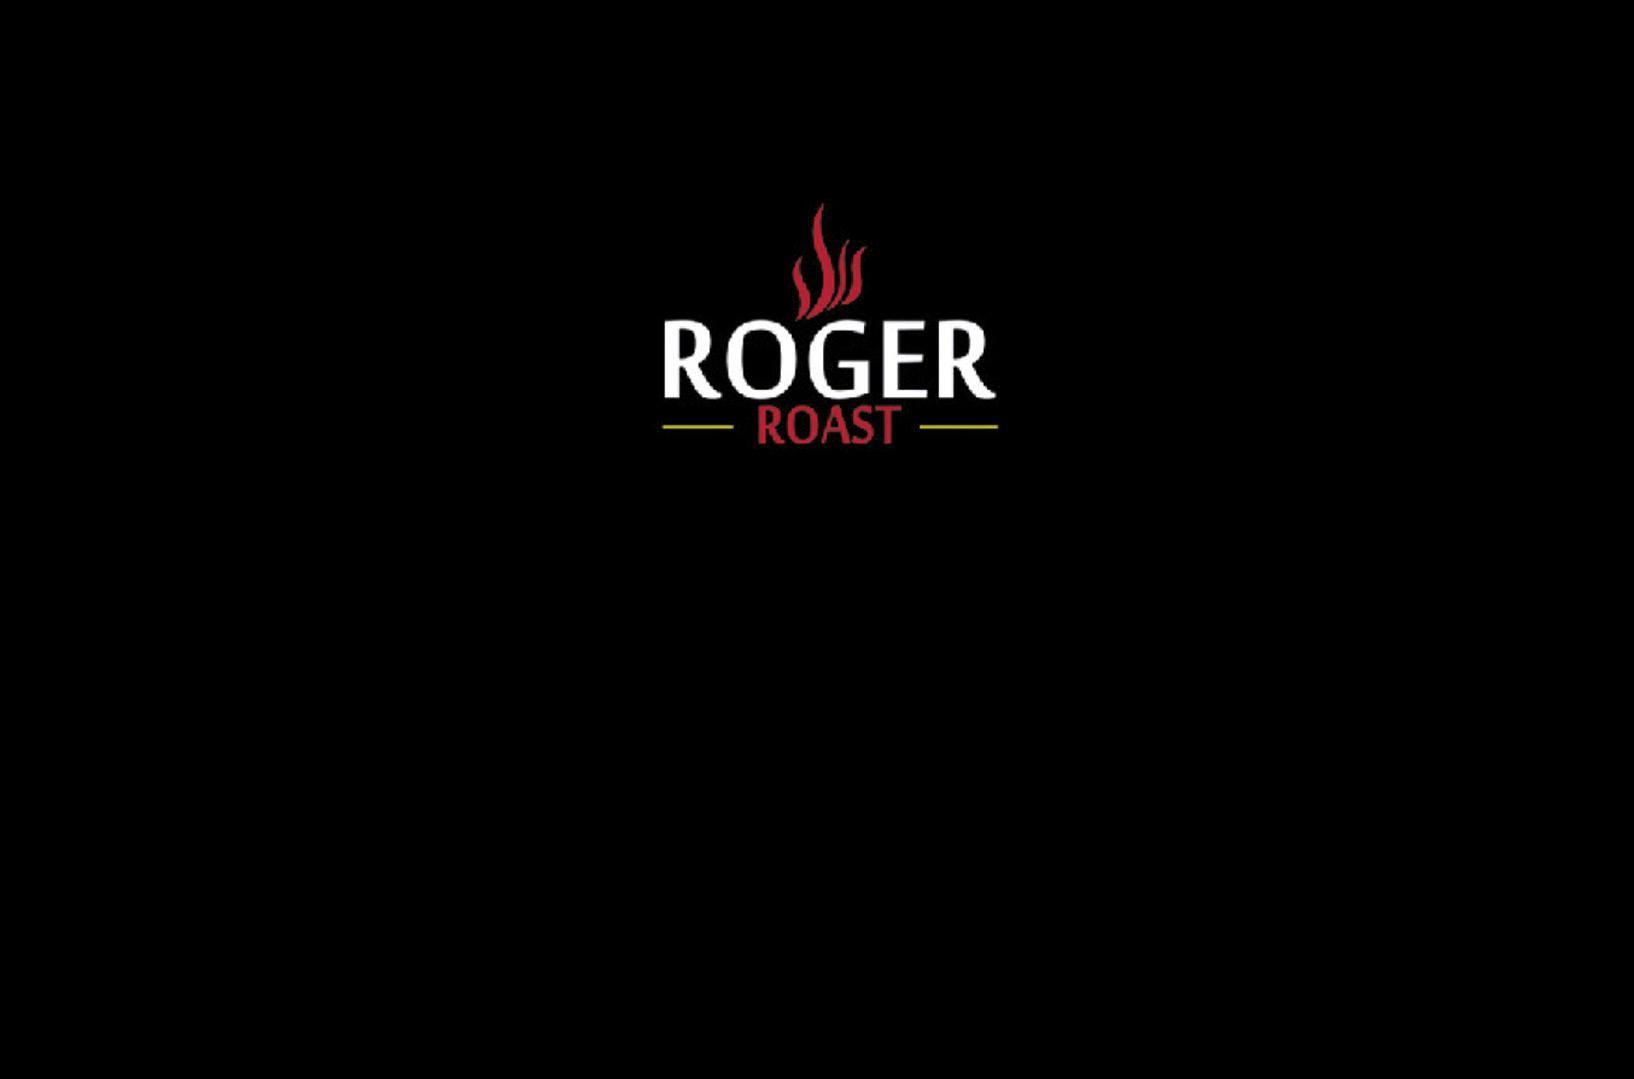 ROGER ROAST